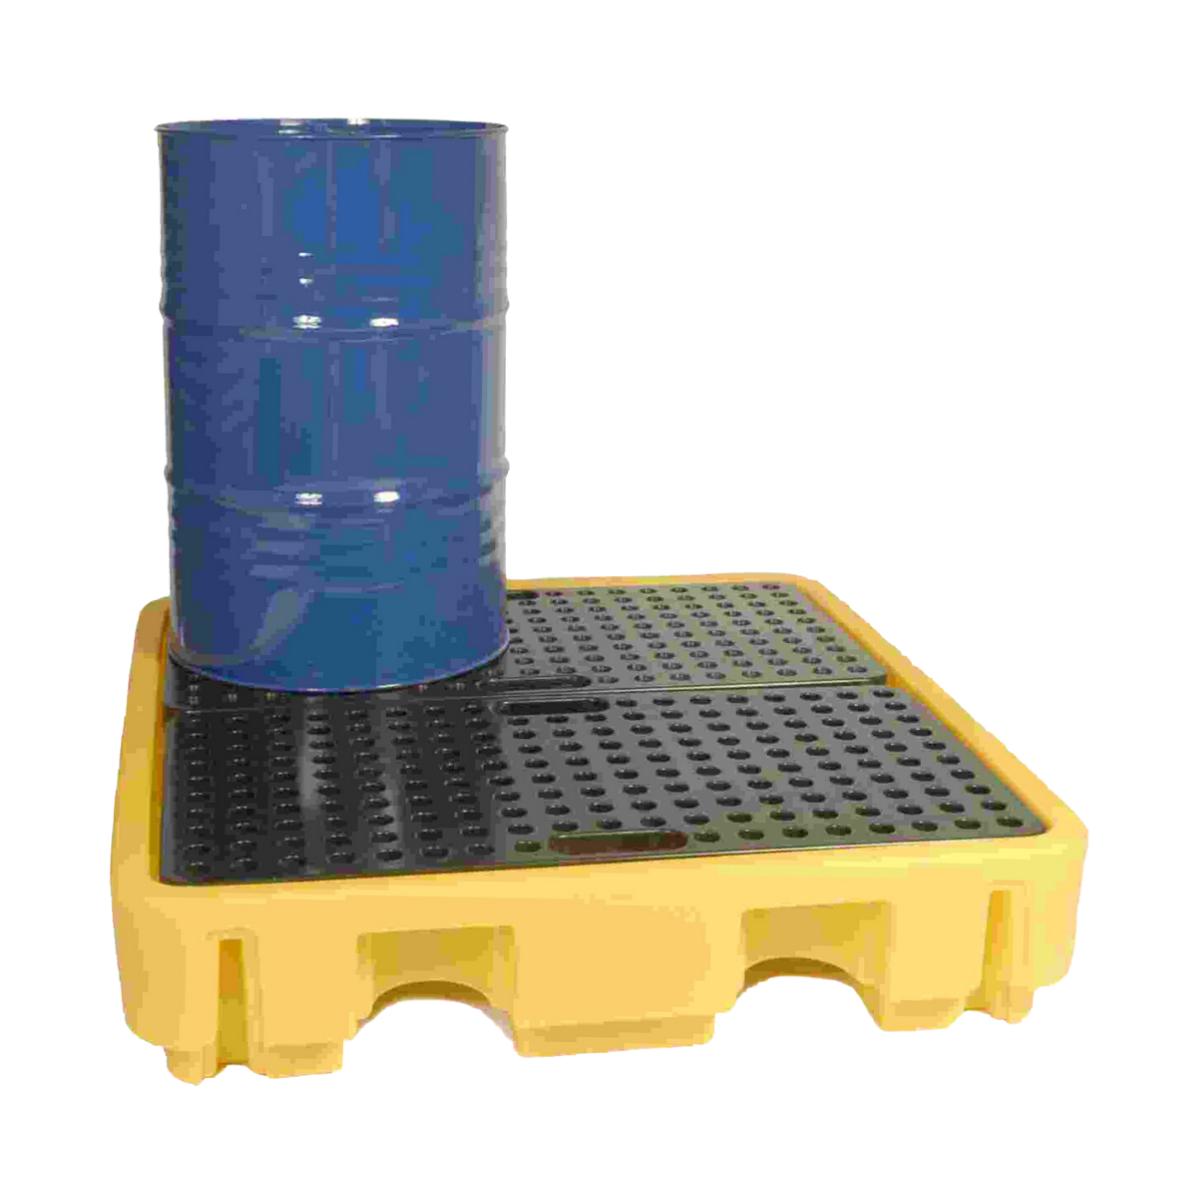 SC2040 Spill Pallet 1380 x 1290 x 280, 4 Drum, 245 Litres